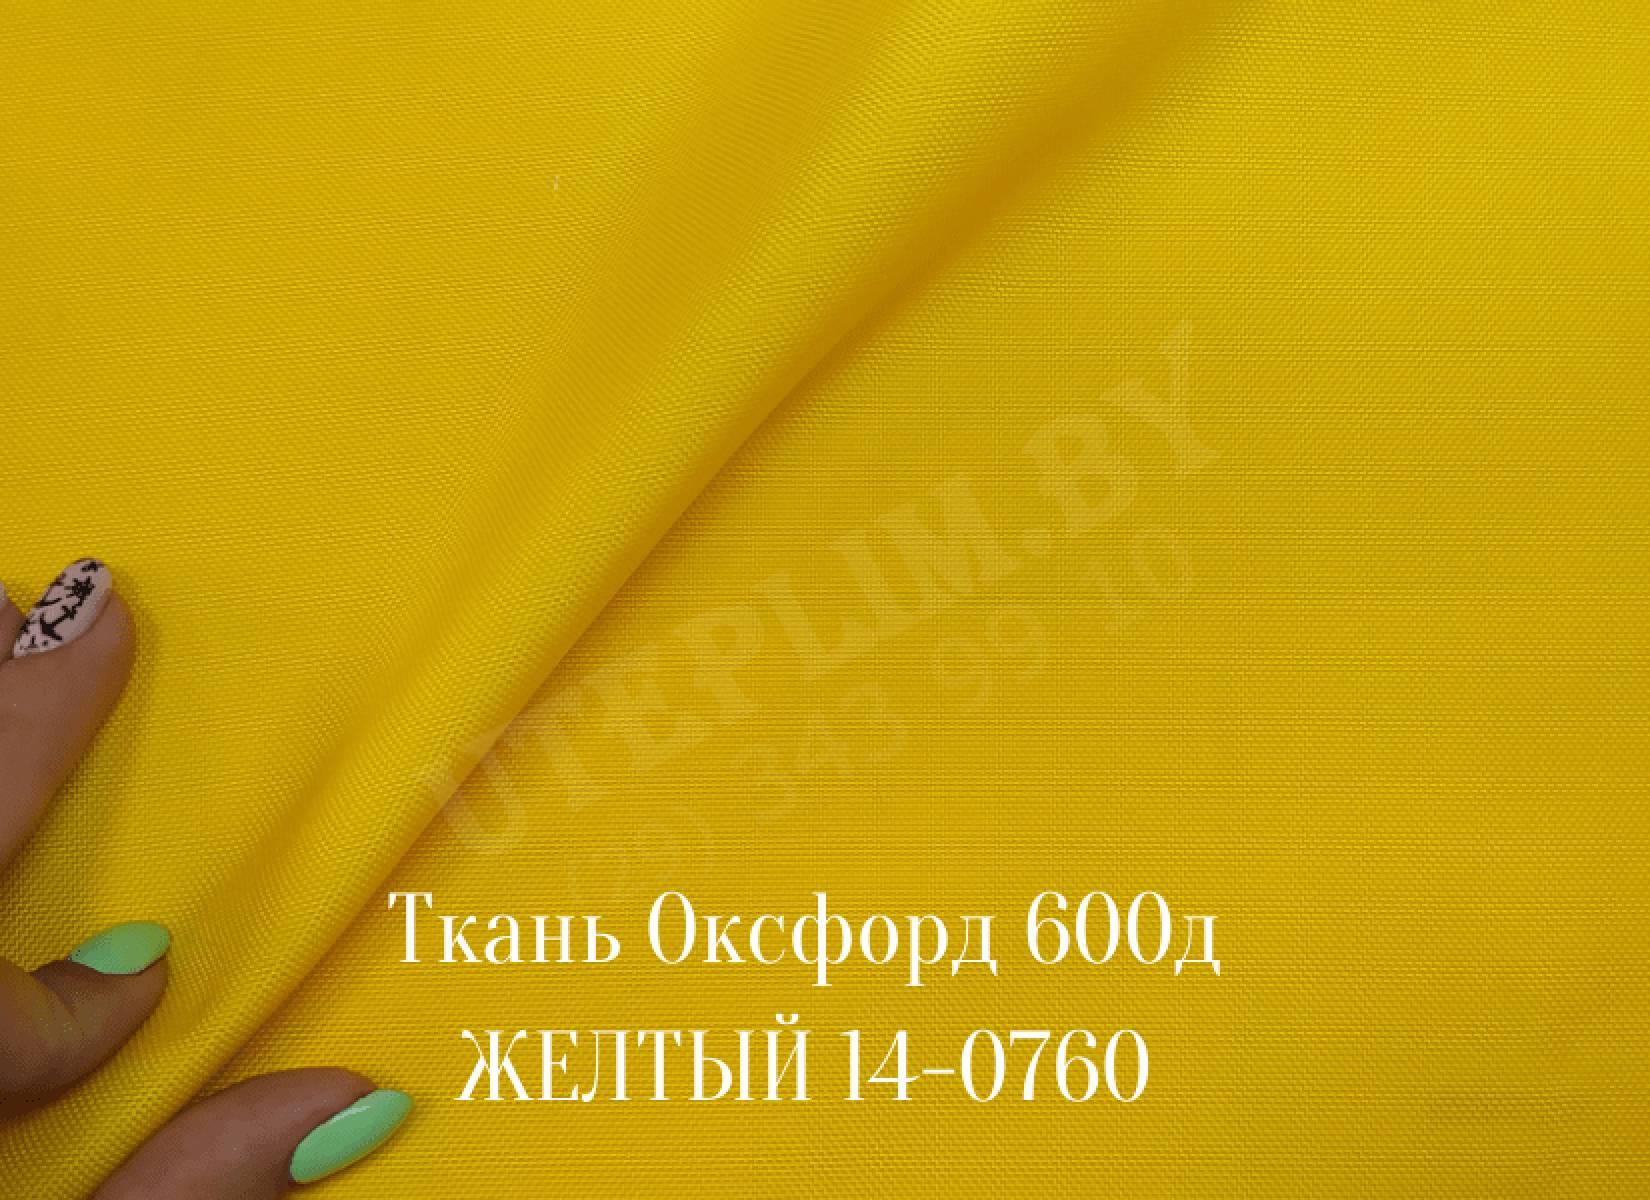 600д - желтый 14-0760